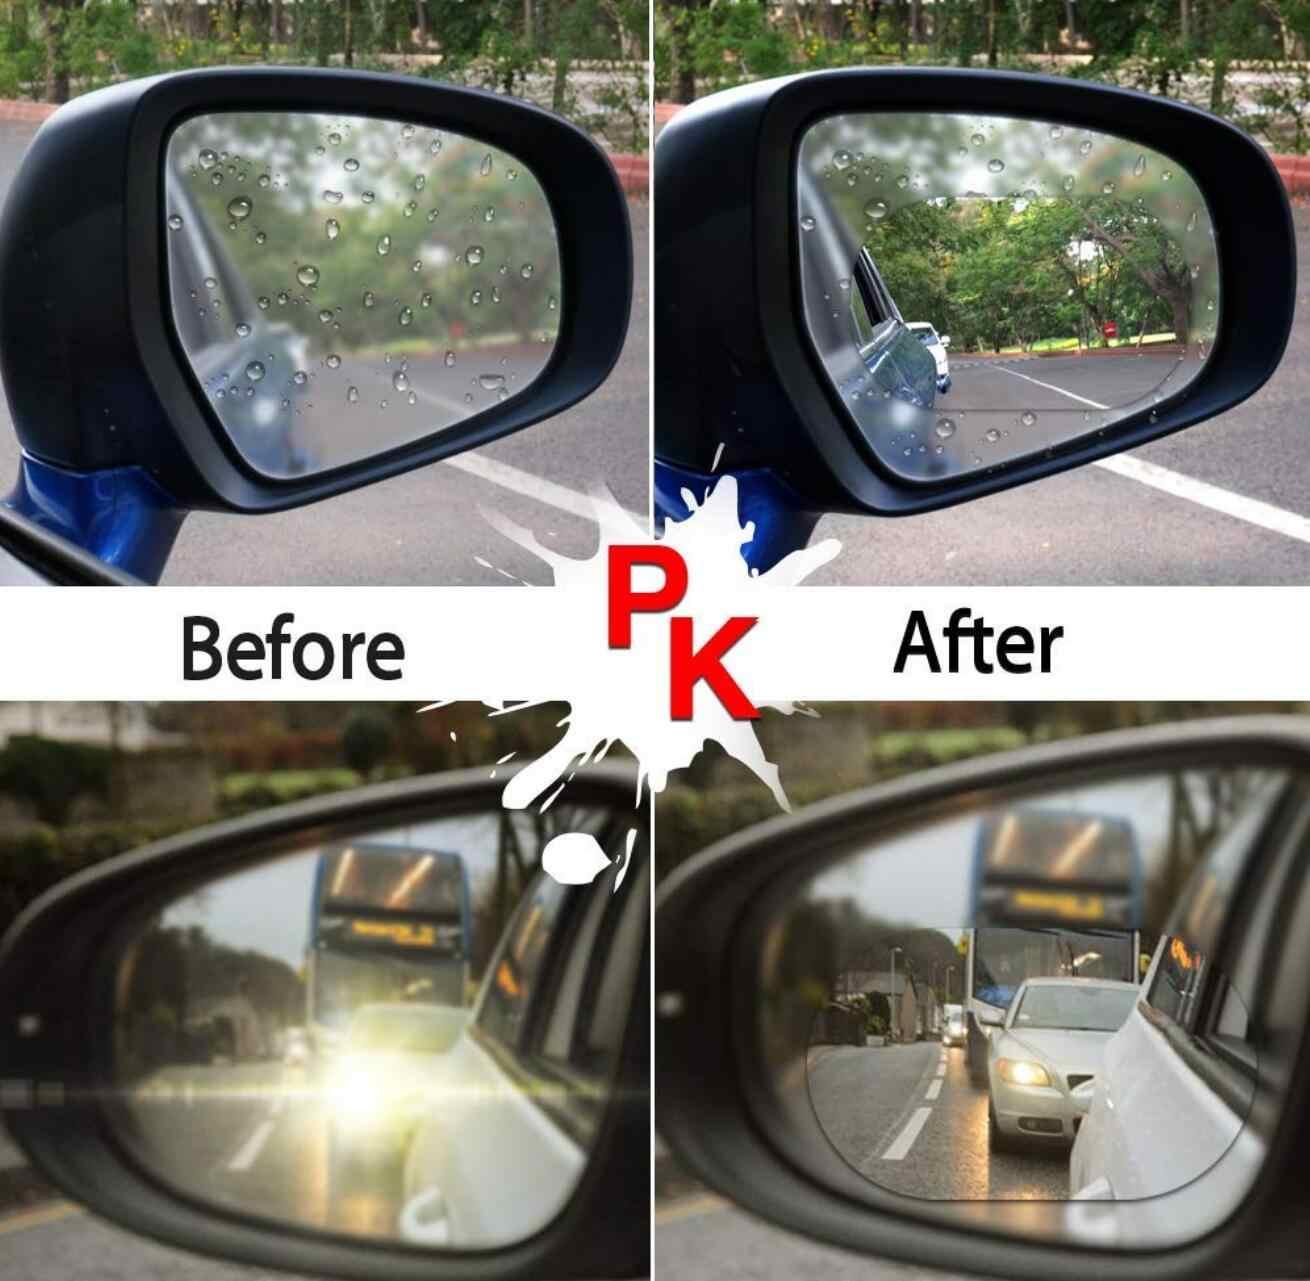 Carro espelho retrovisor filme anti nevoeiro janela à prova de chuva espelho retrovisor para honda mugen energia para civic accord crv hrv jazz